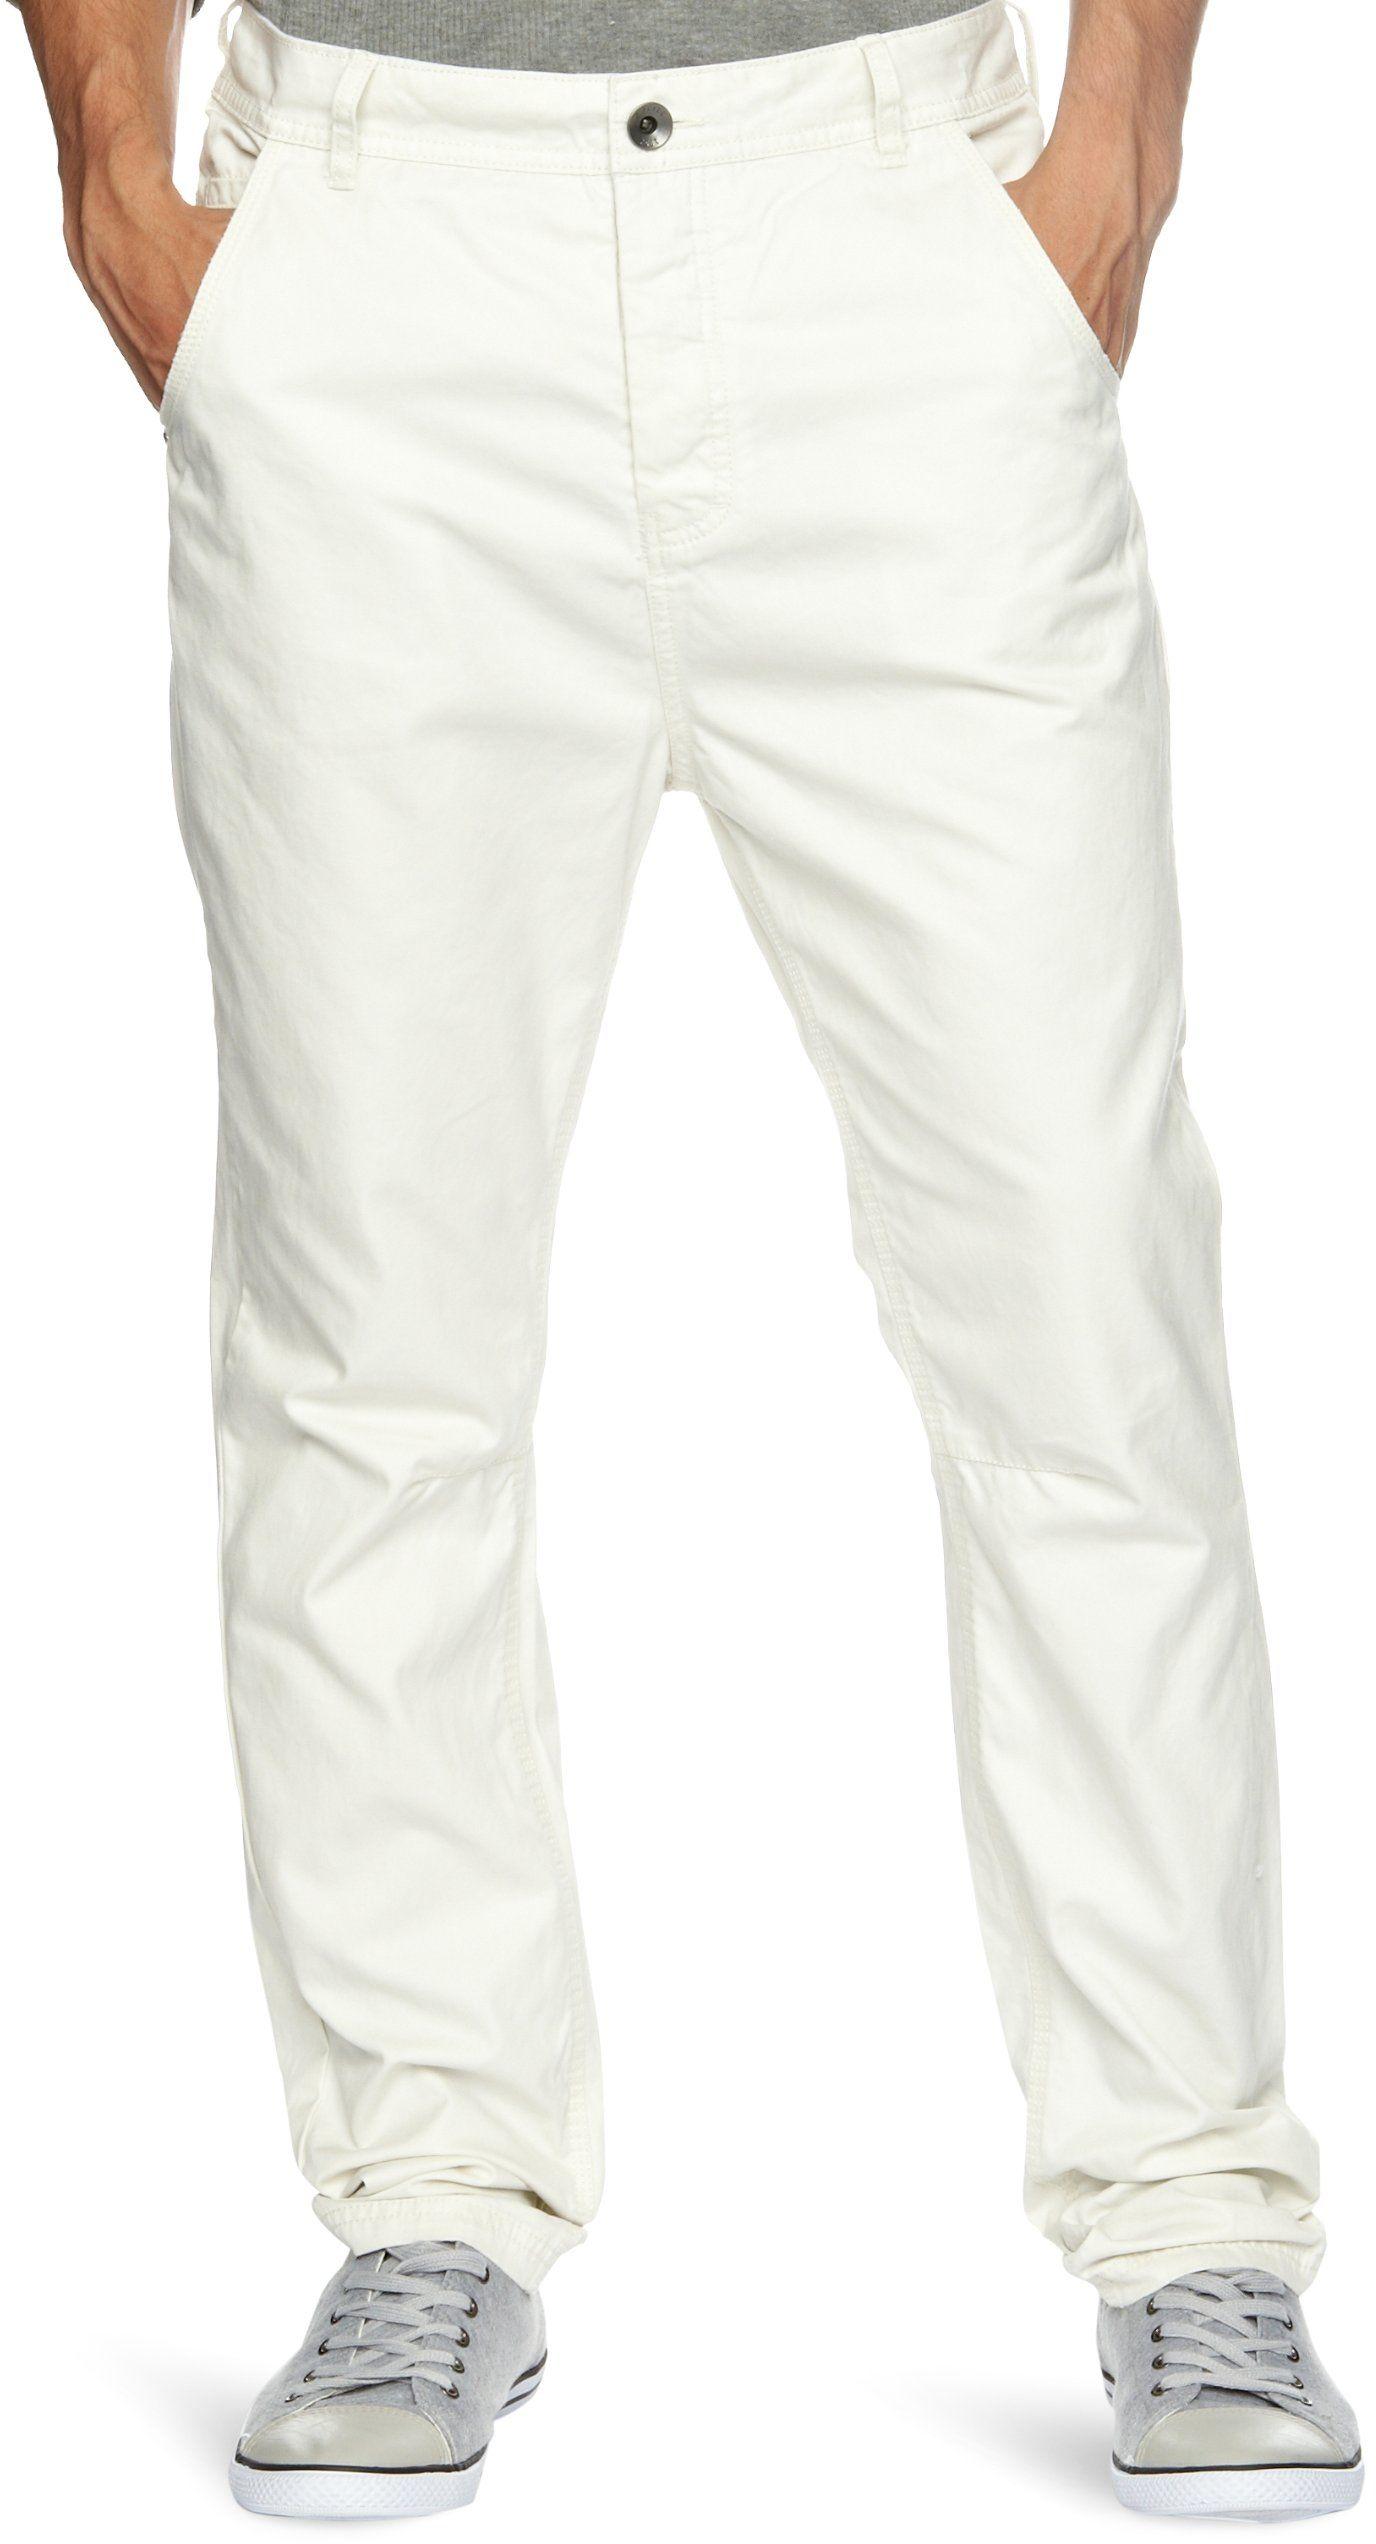 O''Neill Shaper''s Chino zwężane spodnie męskie Vaporous White W81 cm x dł. 81 cm